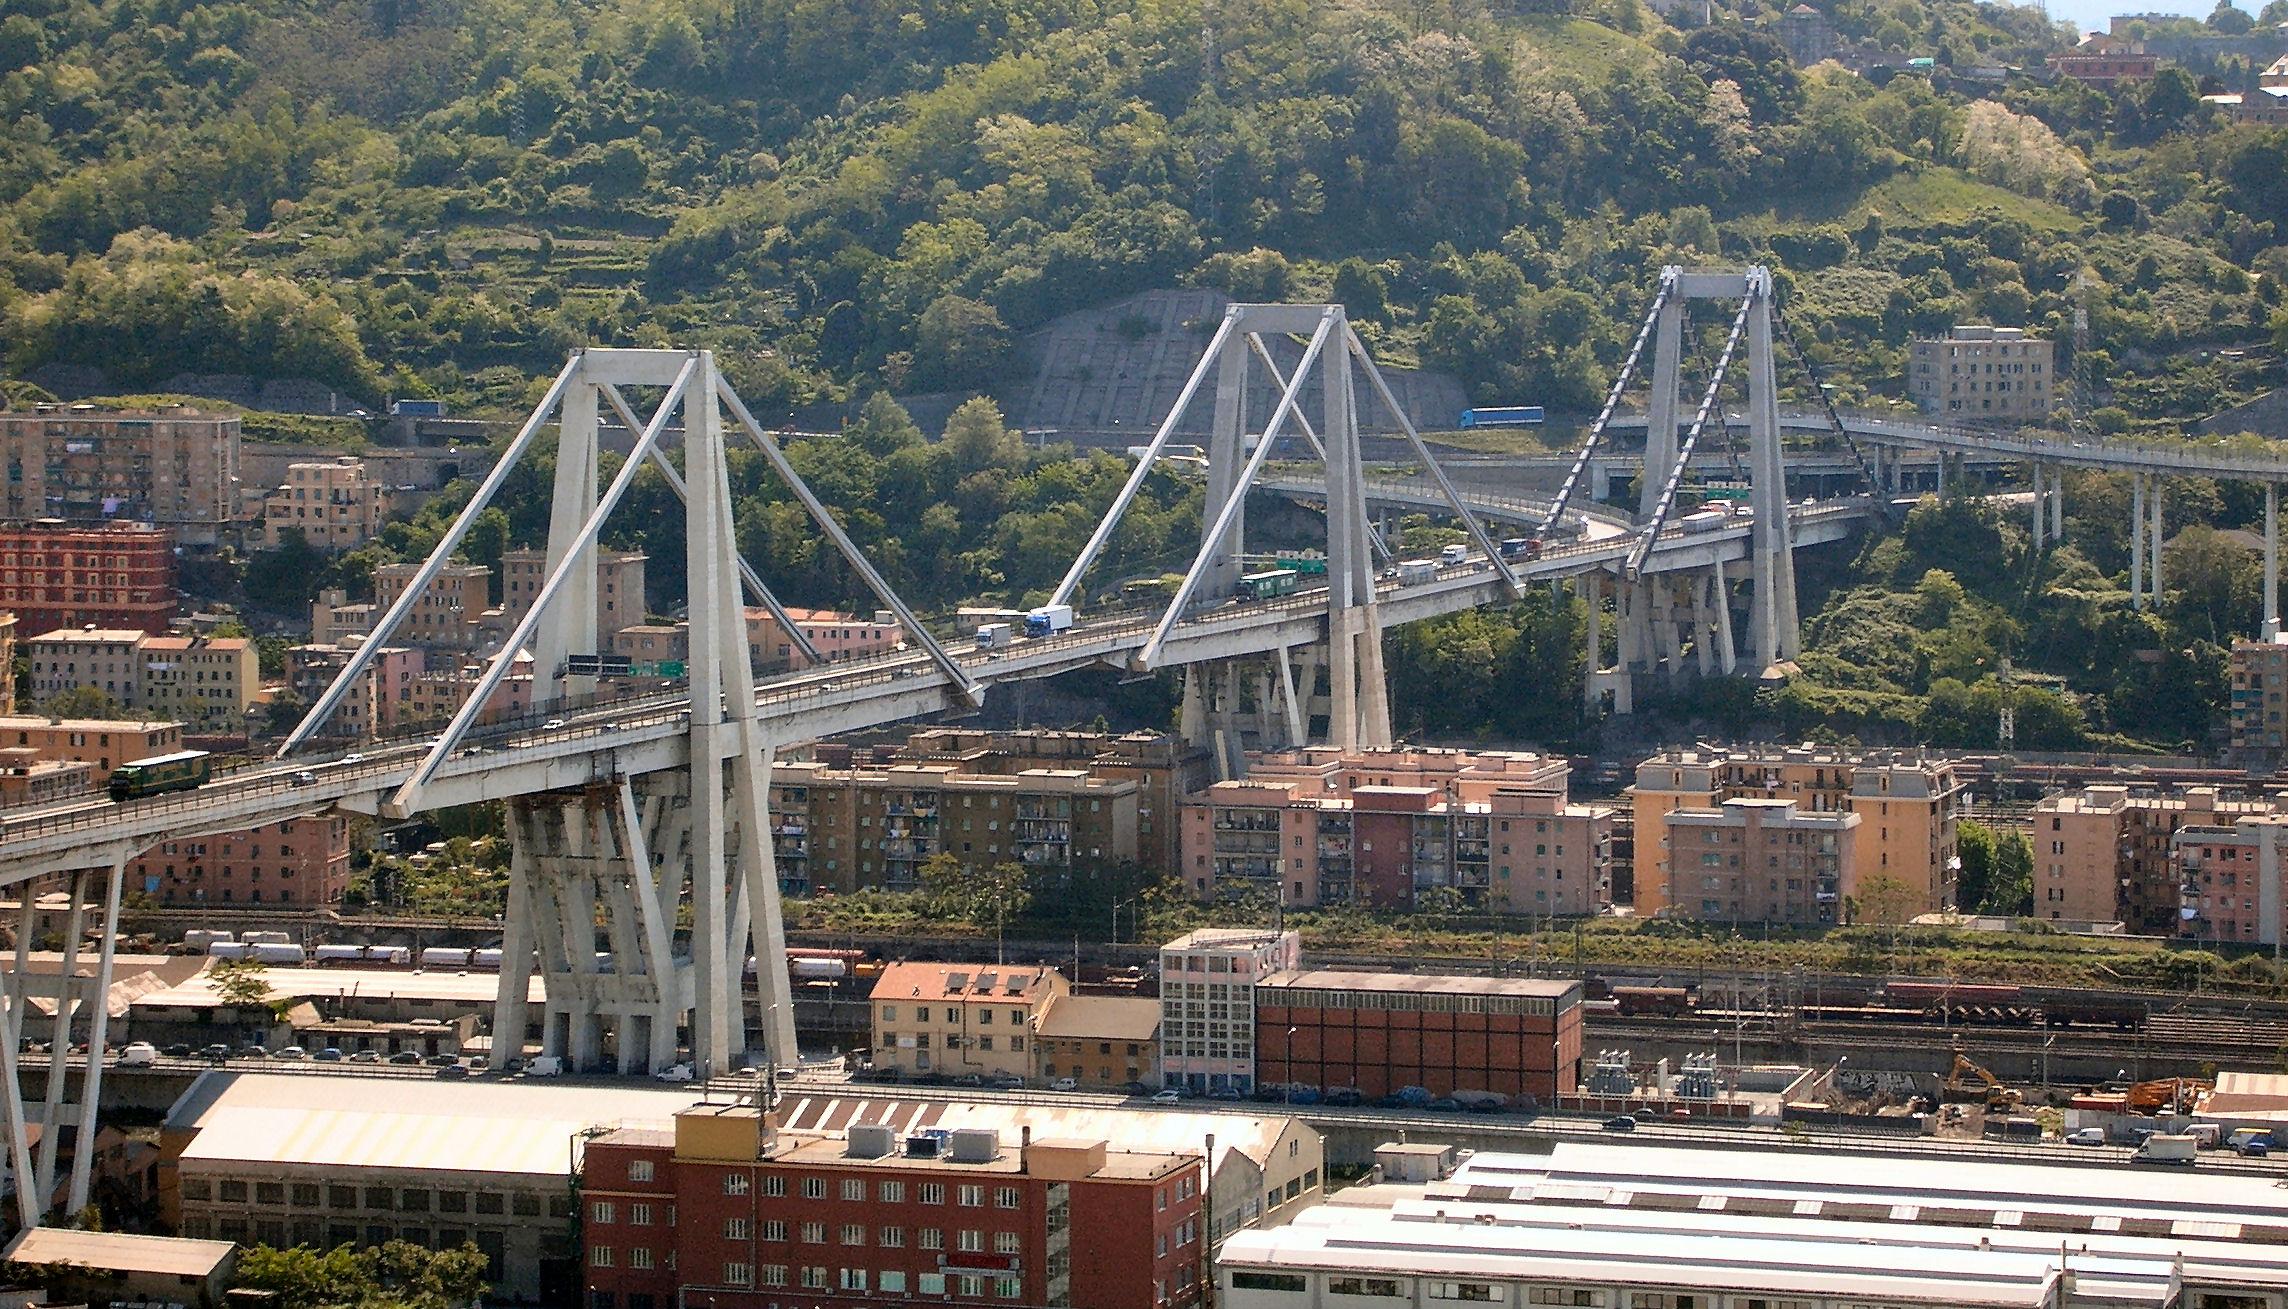 Le Ponte Morandi, qui surplombait des quartiers de Gênes, avait une longueur totale de 1102 mètres et culminait à 90 mètres de haut.